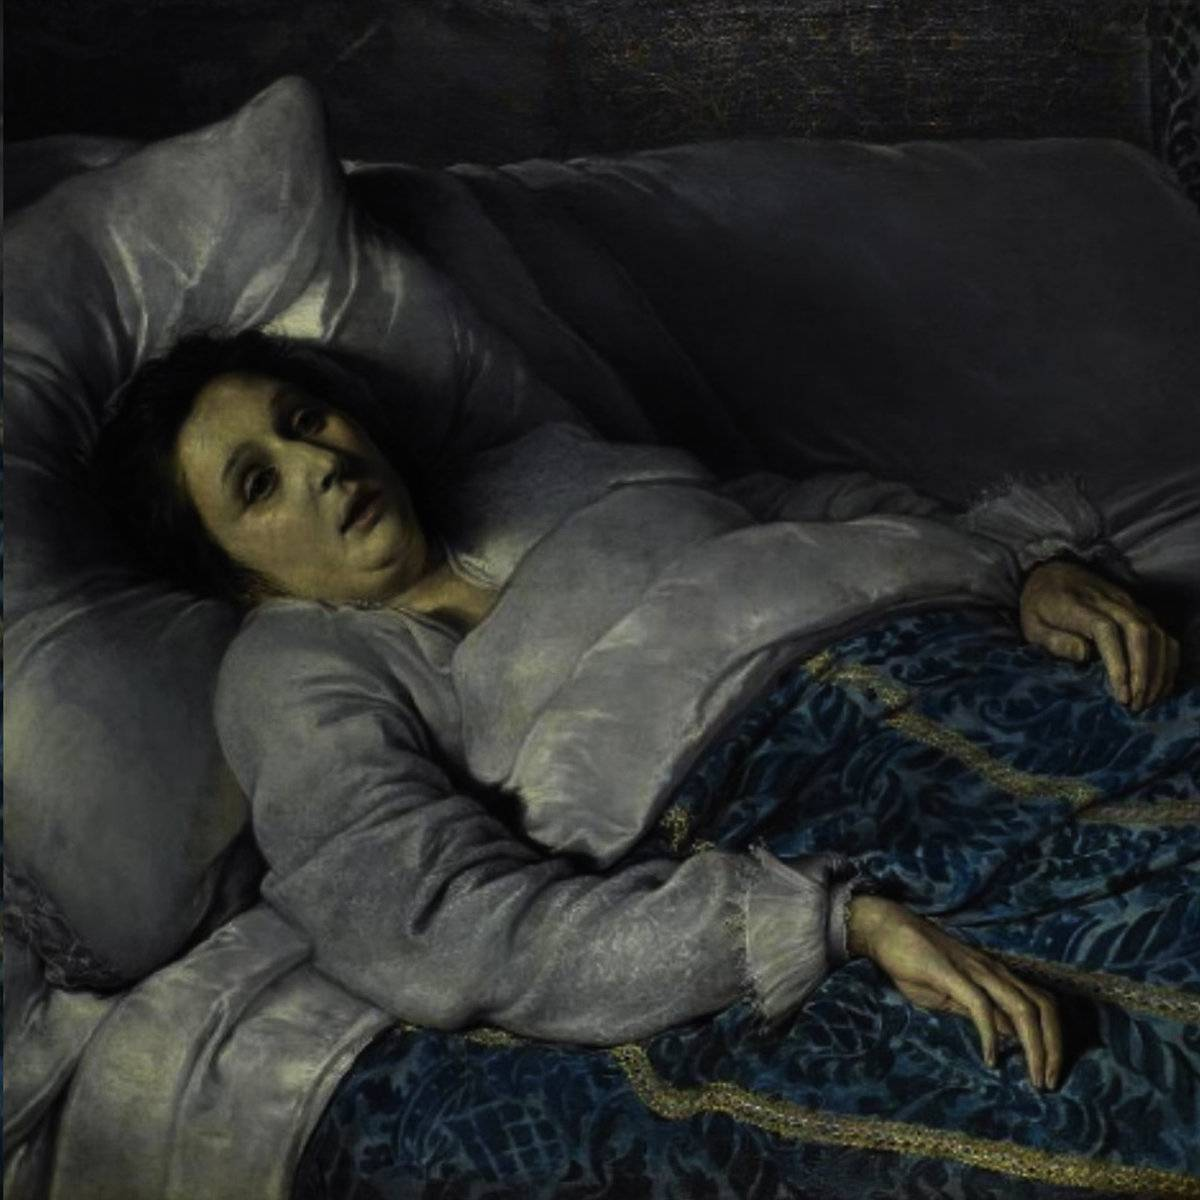 Синдром сонного паралича (старой ведьмы): развитие, проявления, лечение